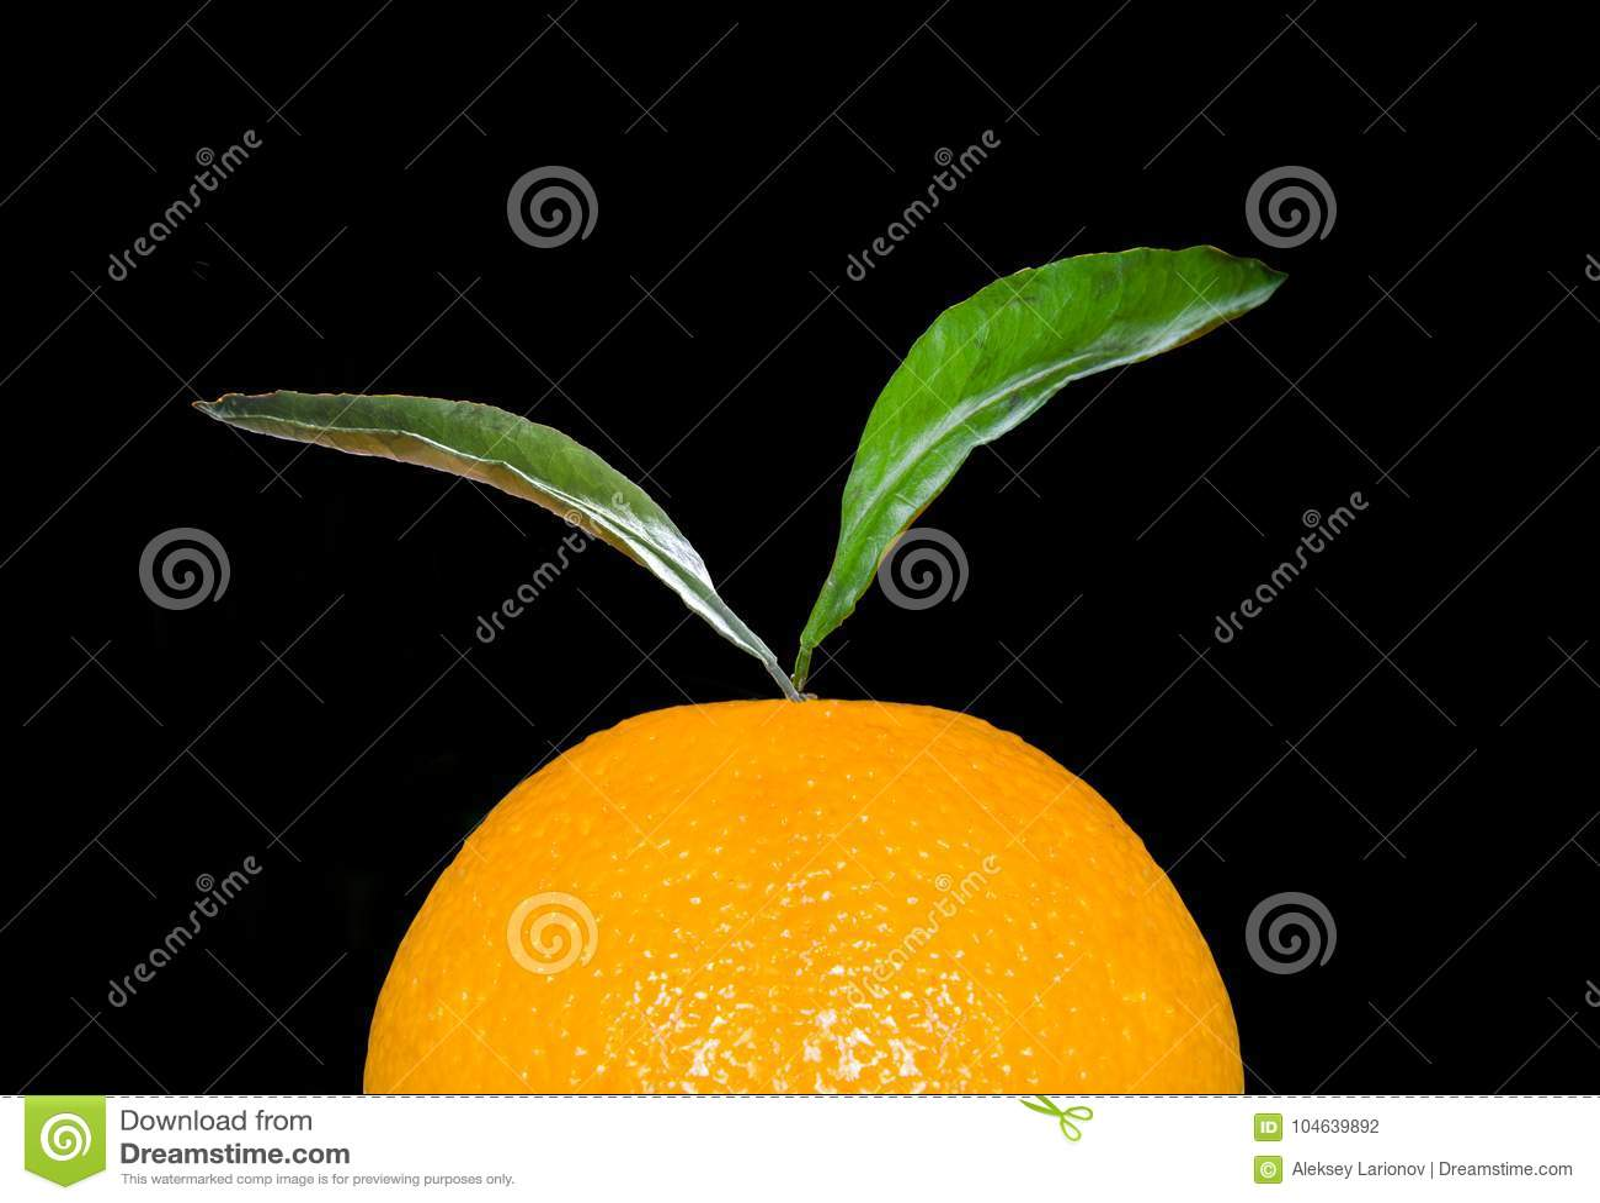 Download Een Deel Van Een Sinaasappel Met Een Blad Stock Foto - Afbeelding bestaande uit vers, citrusvrucht: 104639892